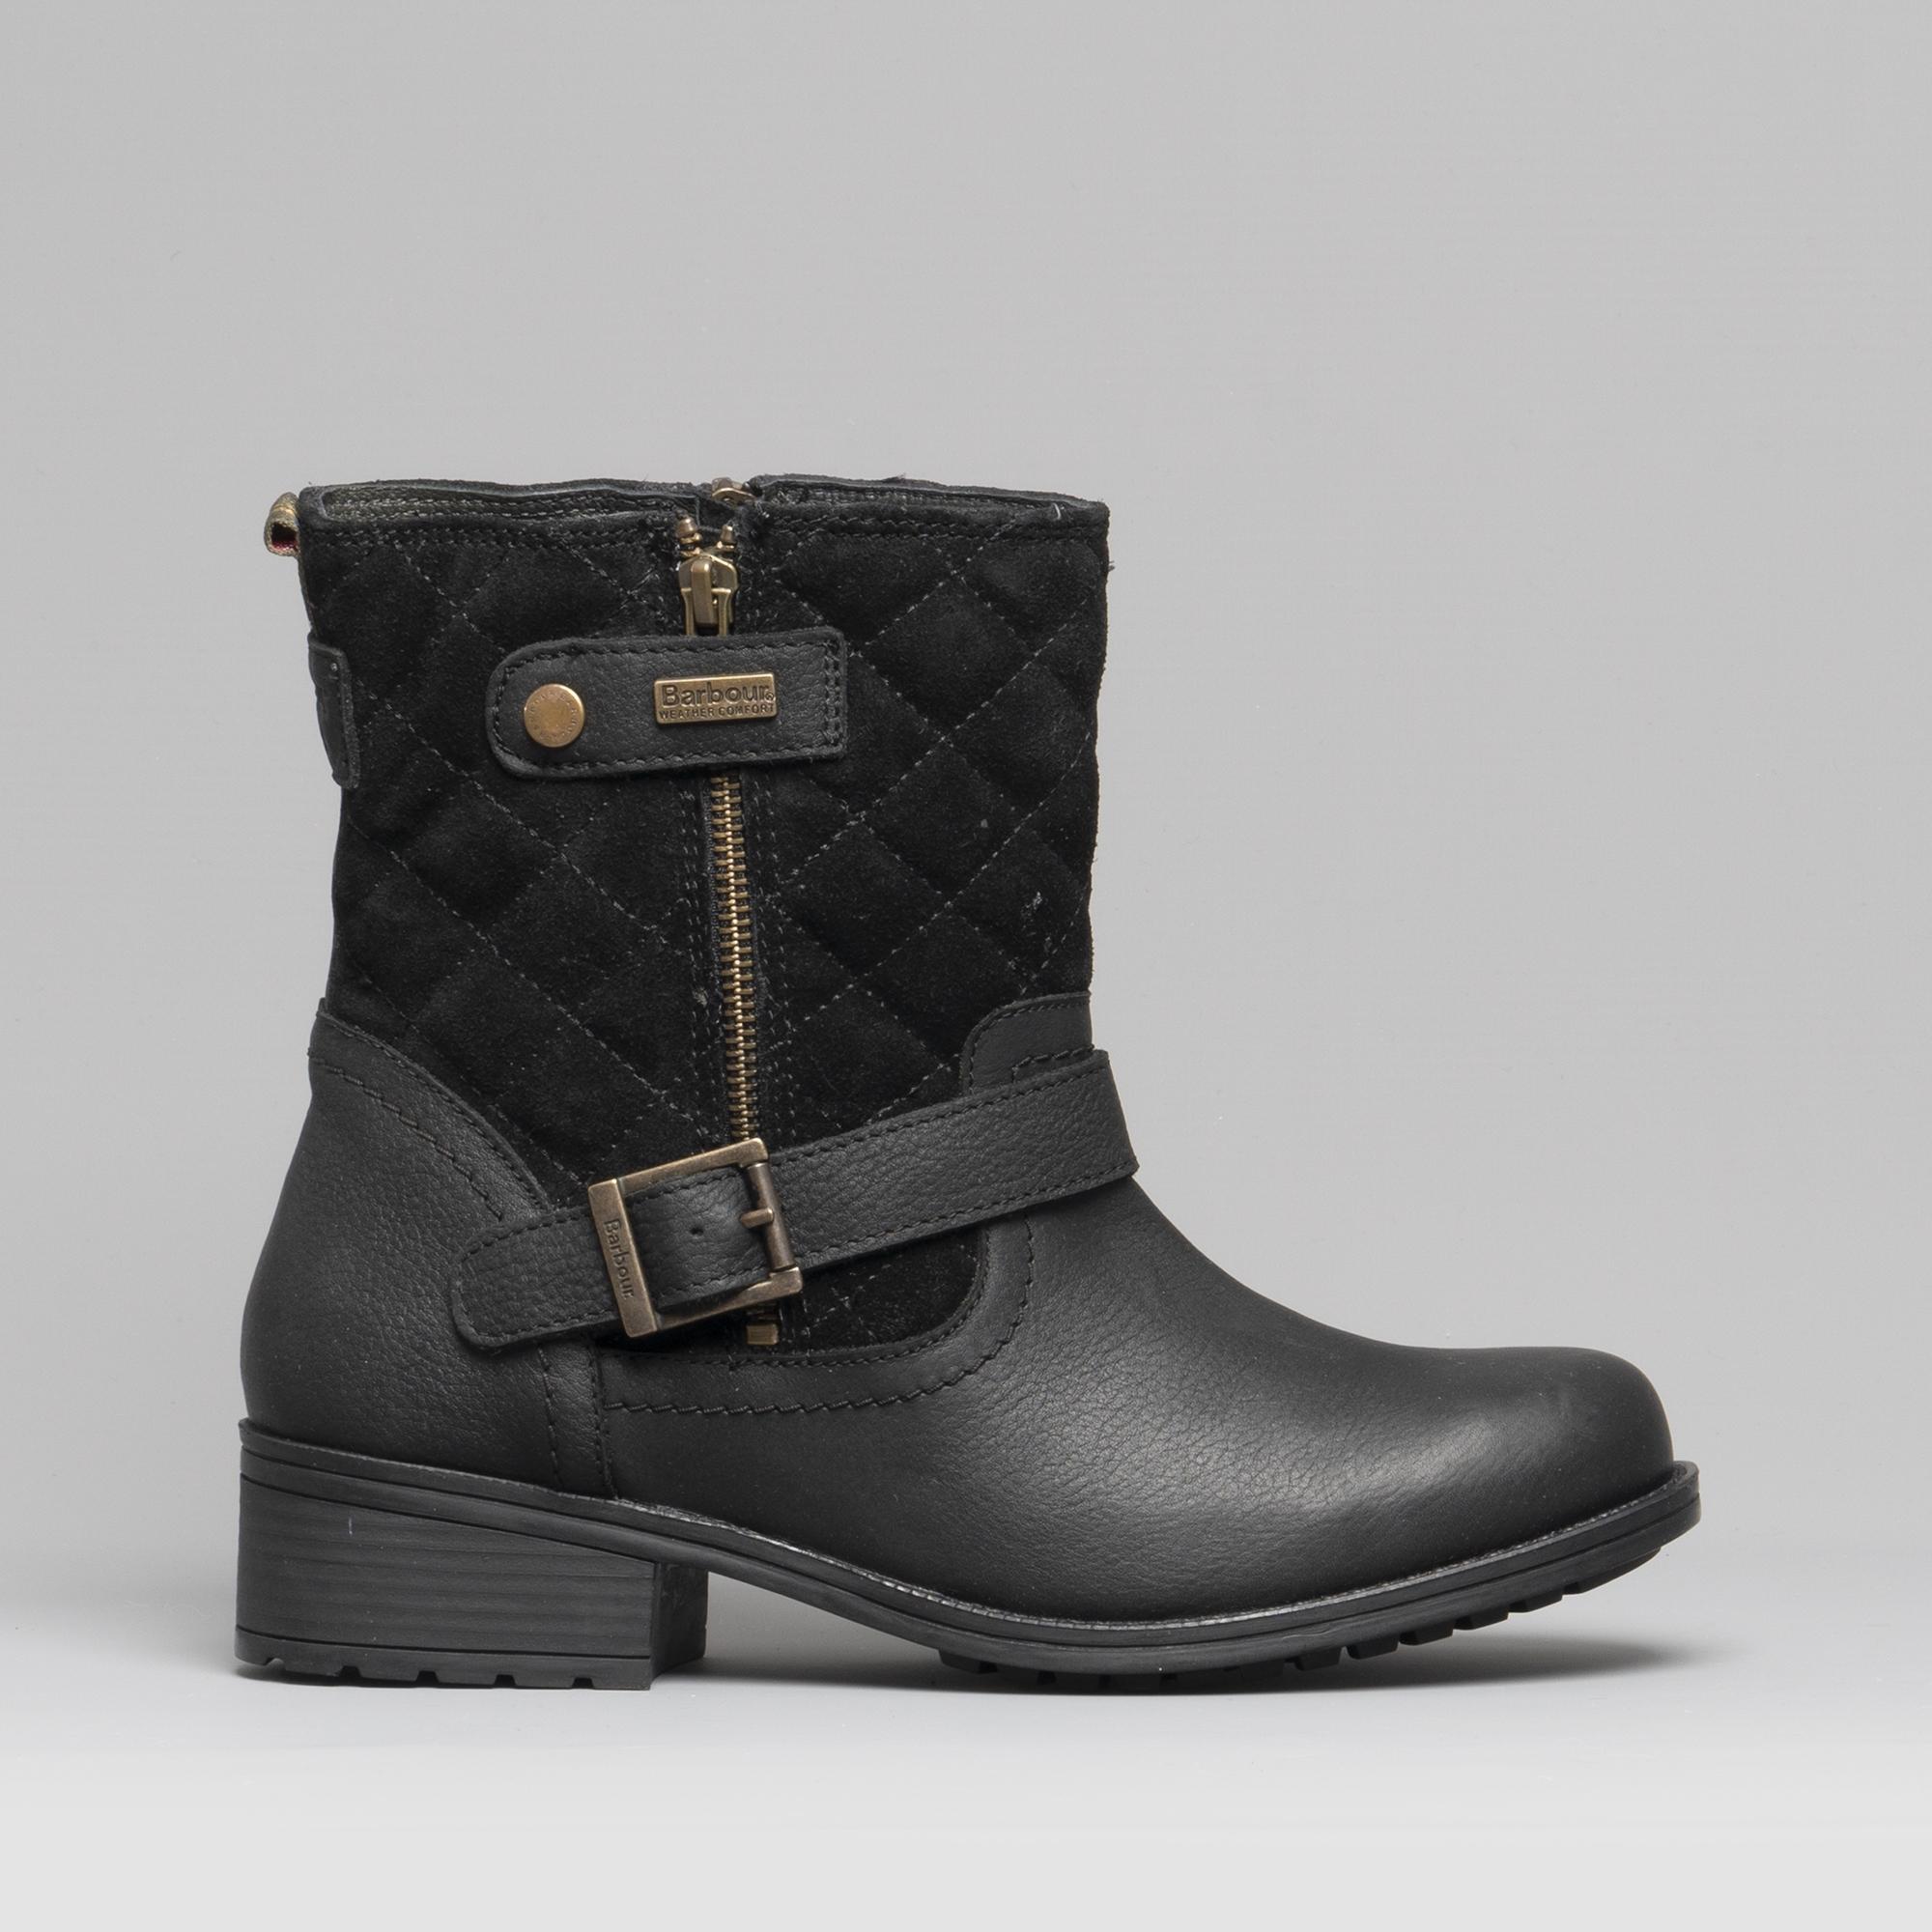 c8a865c55d8 Barbour SIENNA Ladies Leather Biker Boots Black